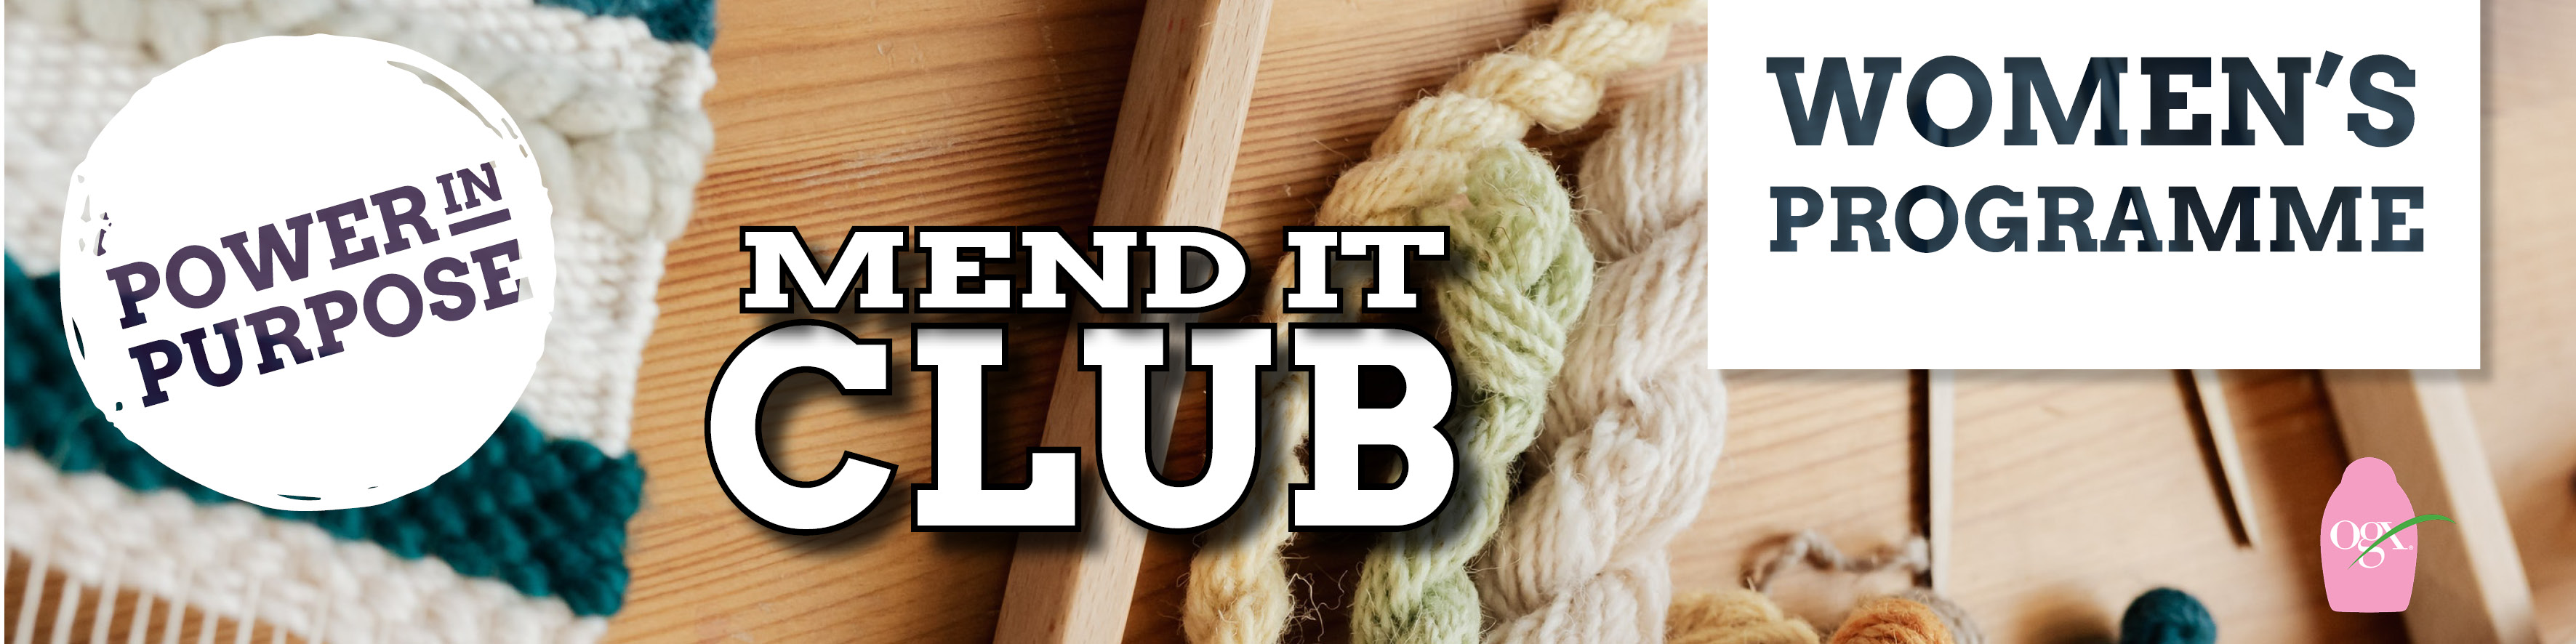 Mend it Club